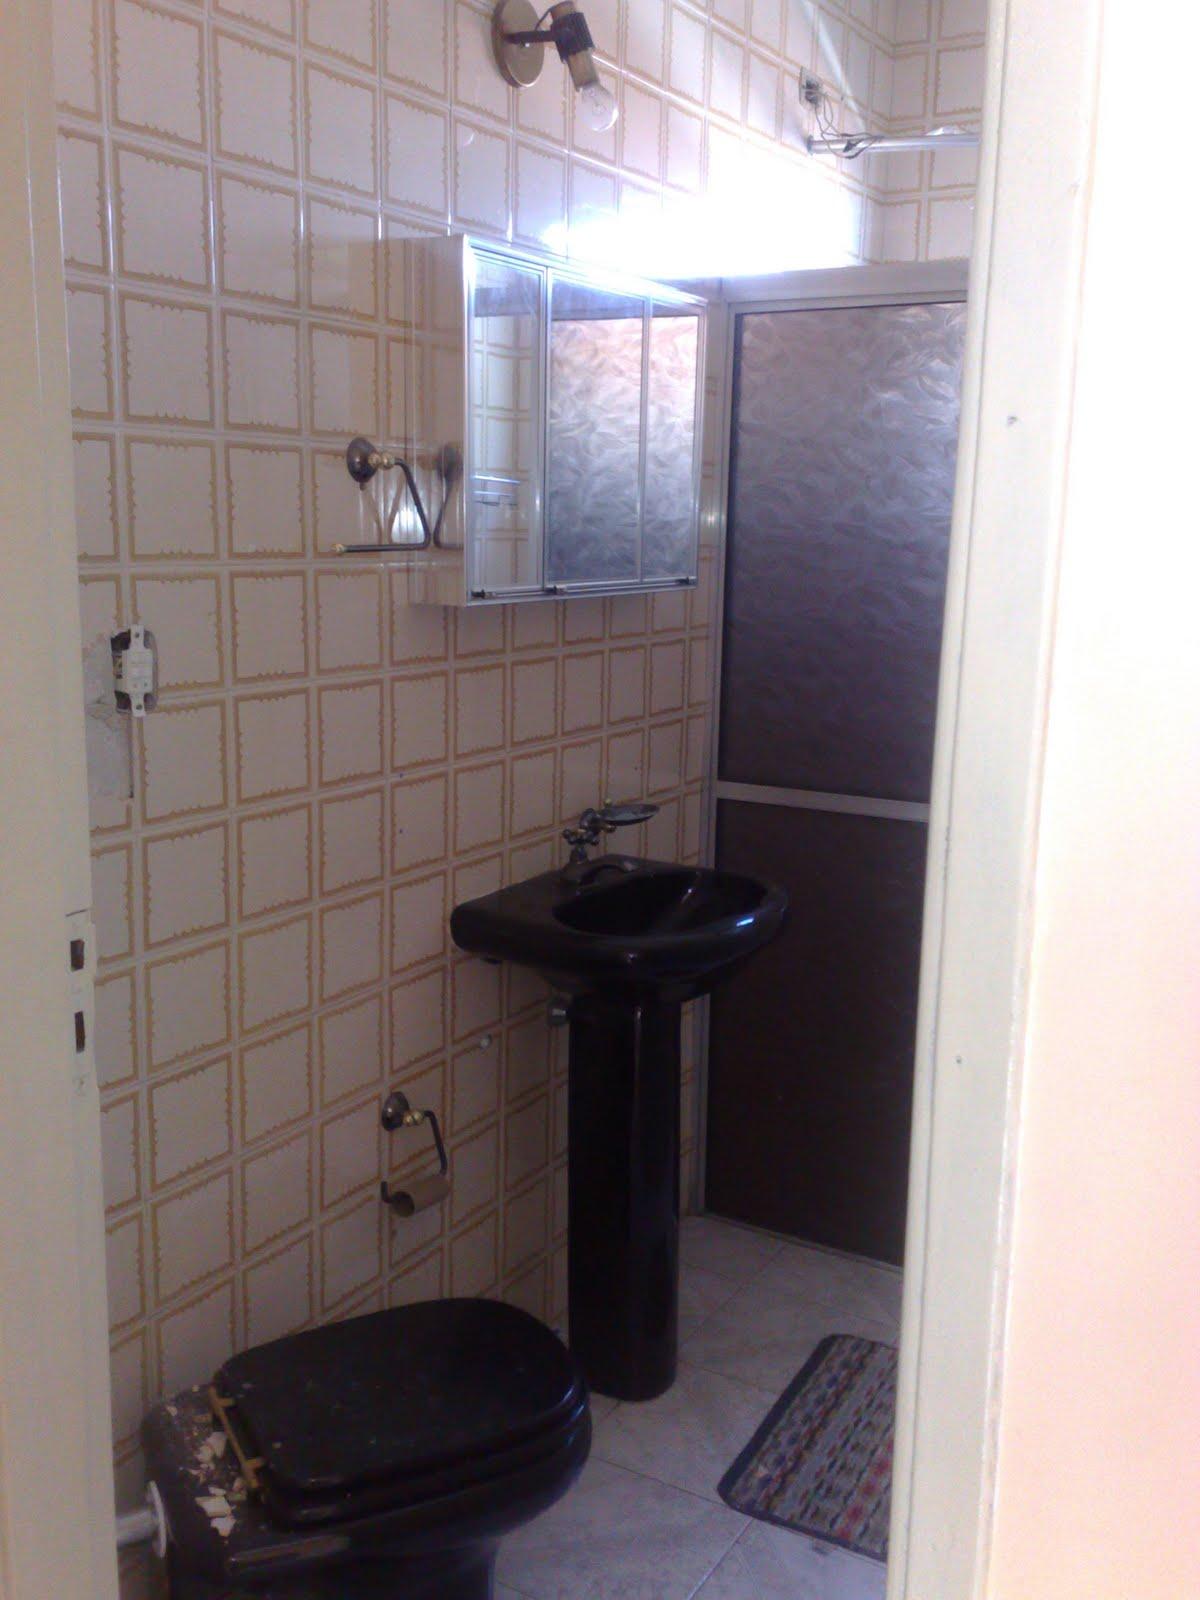 Encanamento Do Banheiro Entupido  gotoworldfrcom decoração de banheiro simp -> Decoracao De Banheiro Com Vaso Cinza